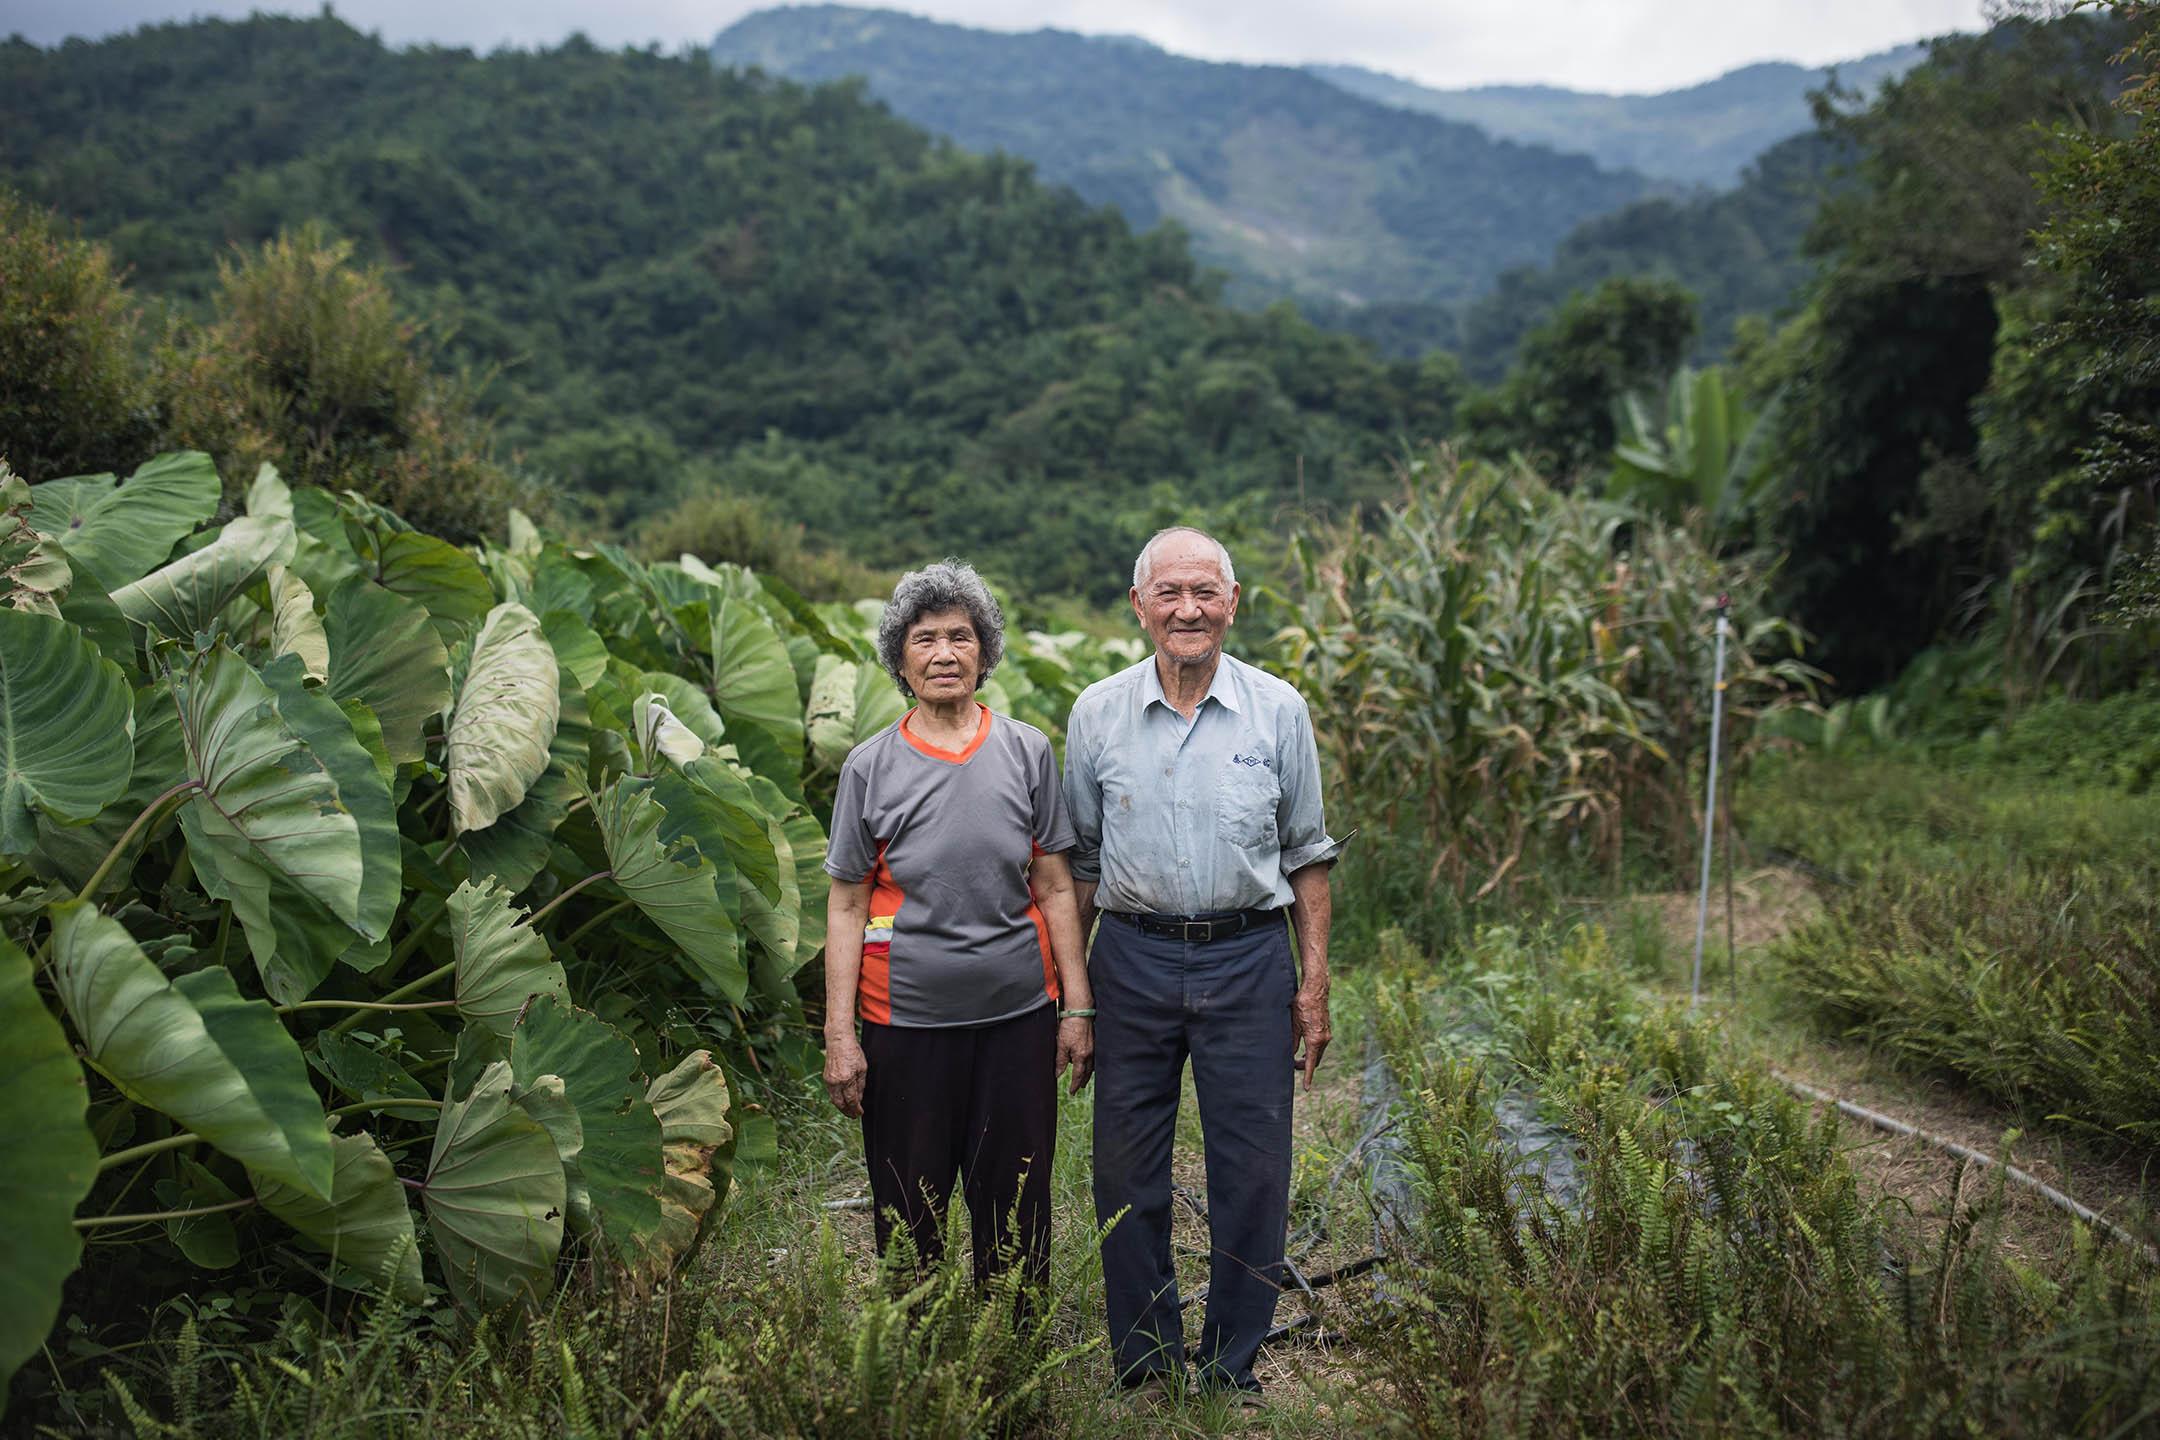 小林村民周潘秀緞與丈夫周坤全在自己的農田上。 攝:陳焯煇/端傳媒